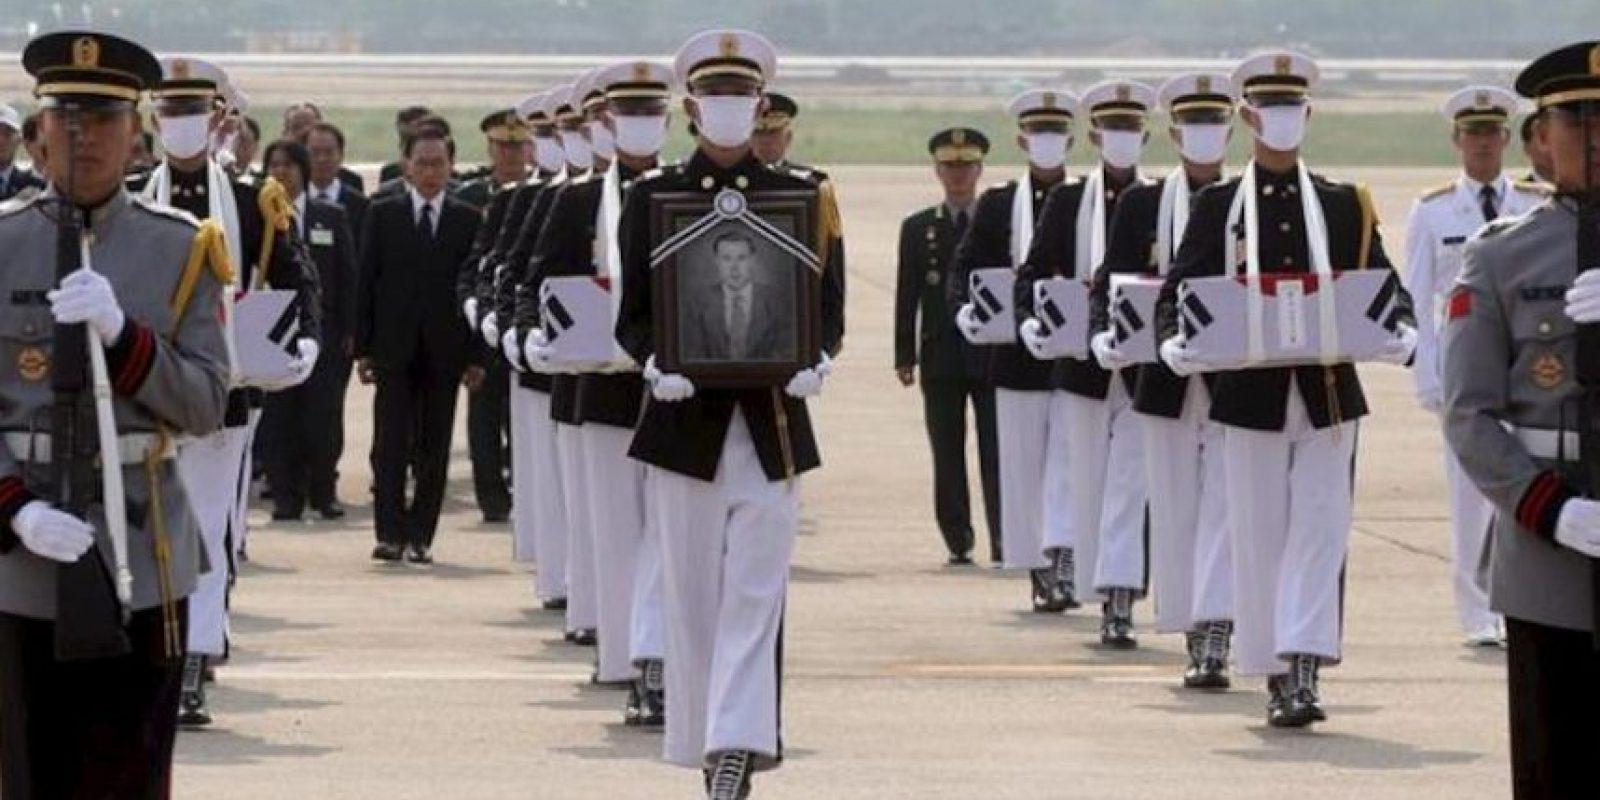 Soldados rinden homenaje los restos de 12 soldados surcoreanos hoy, viernes 25 de mayo de 2012, que murieron en la guerra con Corea del norte (1950-53) y que llegaron a la Base Aérea de Seúl en Seongnam, al sur de la capital en Corea del Sur. EFE